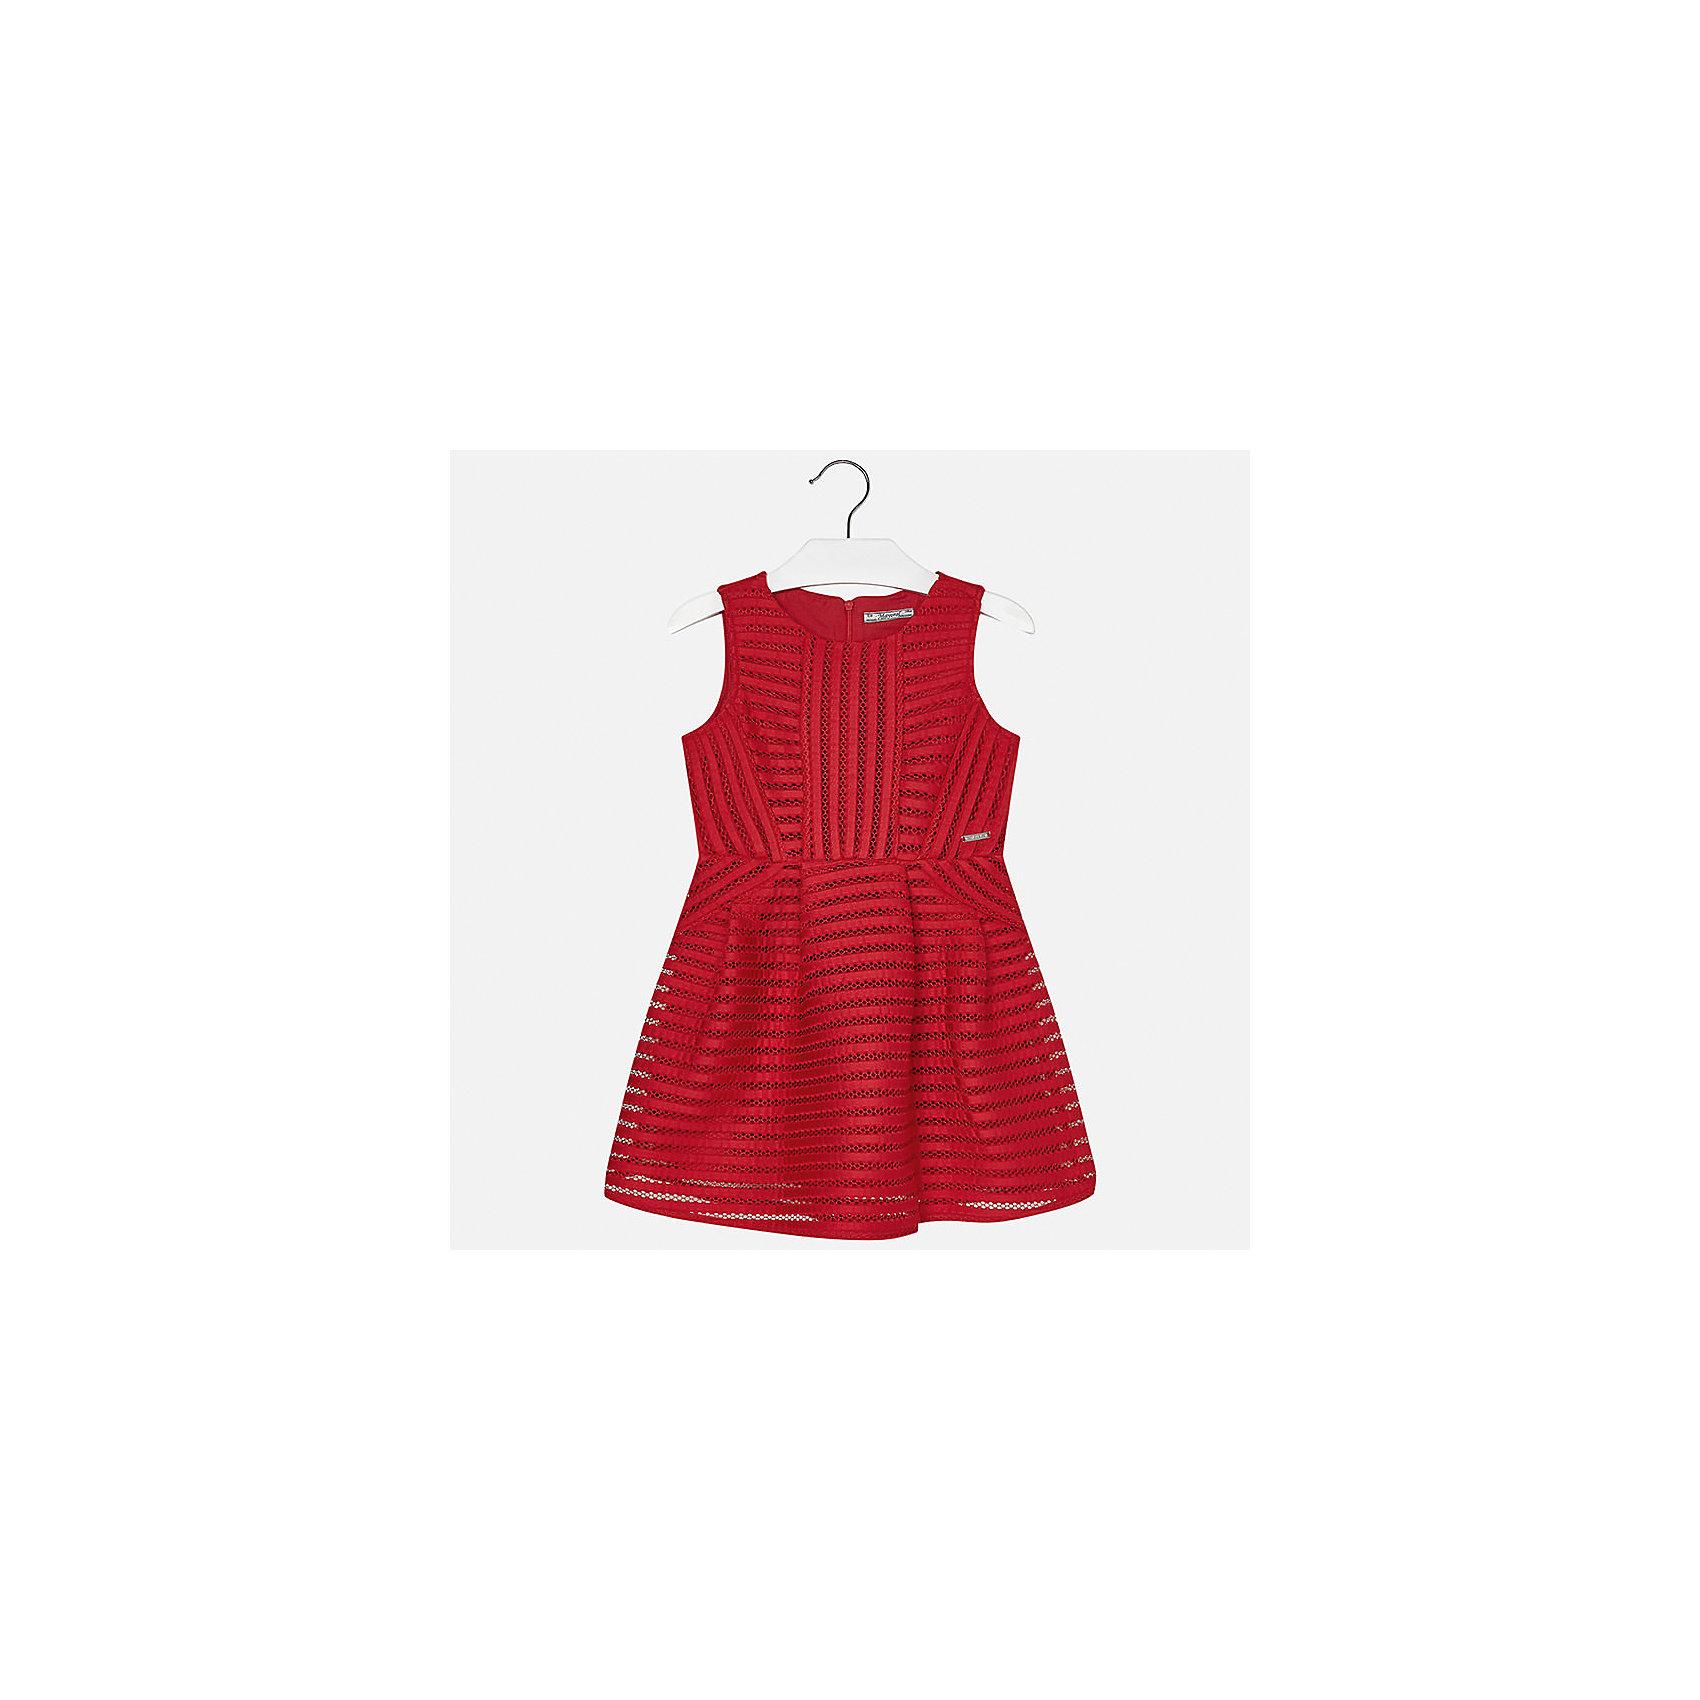 Платье для девочки MayoralХарактеристики товара:<br><br>• цвет: красный<br>• состав: 100% полиэстер, подкладка - 100% полиэстер<br>• застежка: молния<br>• приталенное<br>• без рукавов<br>• с подкладкой<br>• страна бренда: Испания<br><br>Нарядное платье для девочки поможет разнообразить гардероб ребенка и создать эффектный наряд. Оно подойдет для различных случаев. Платье хорошо сидит по фигуре.<br><br>Платье для девочки от испанского бренда Mayoral (Майорал) можно купить в нашем интернет-магазине.<br><br>Ширина мм: 236<br>Глубина мм: 16<br>Высота мм: 184<br>Вес г: 177<br>Цвет: красный<br>Возраст от месяцев: 132<br>Возраст до месяцев: 144<br>Пол: Женский<br>Возраст: Детский<br>Размер: 158,164,170,128/134,140,152<br>SKU: 5293276